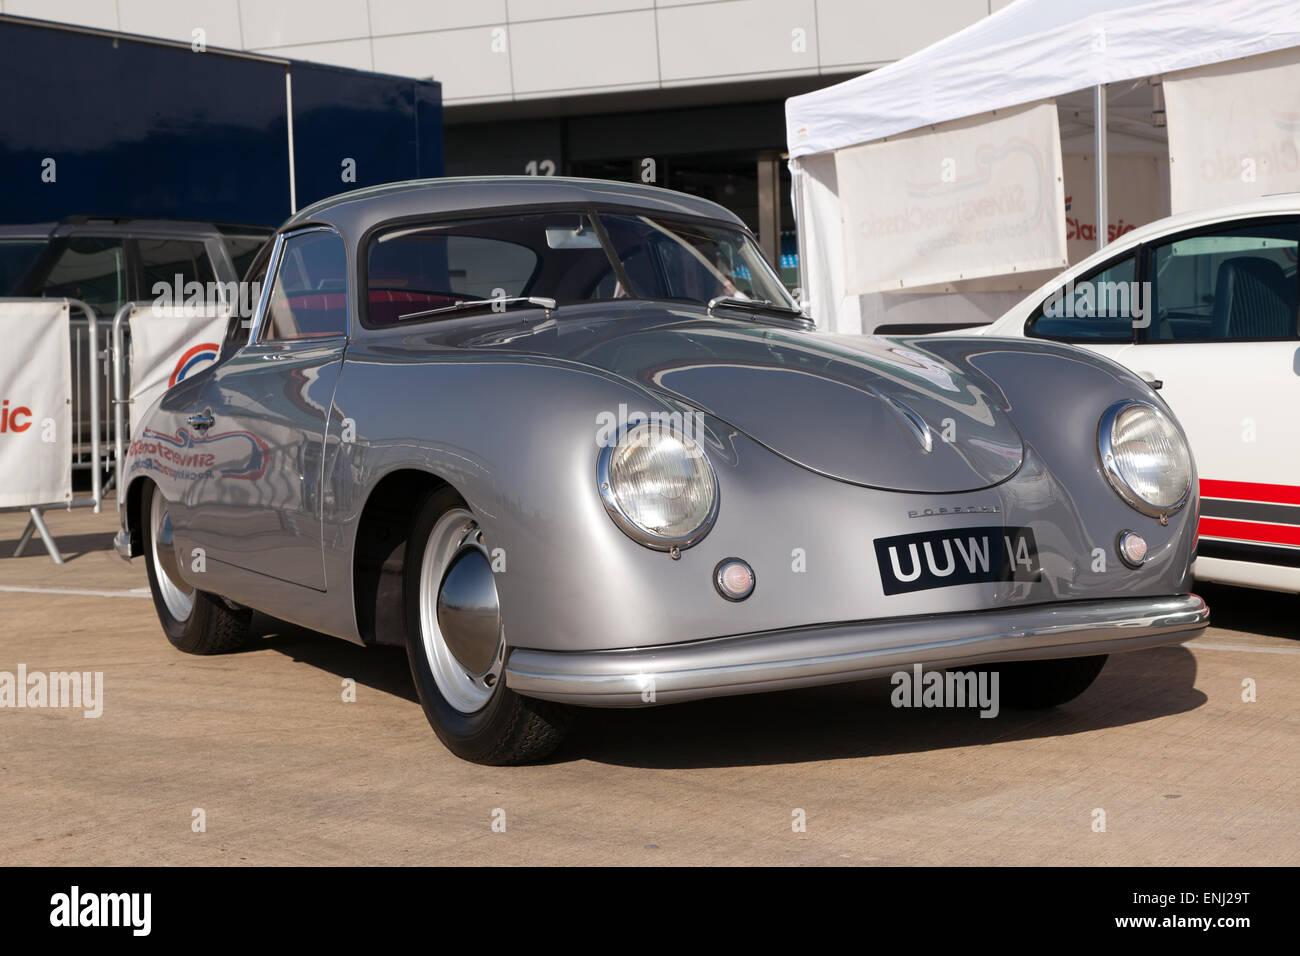 1950s Porsche Stock Photos & 1950s Porsche Stock Images - Alamy